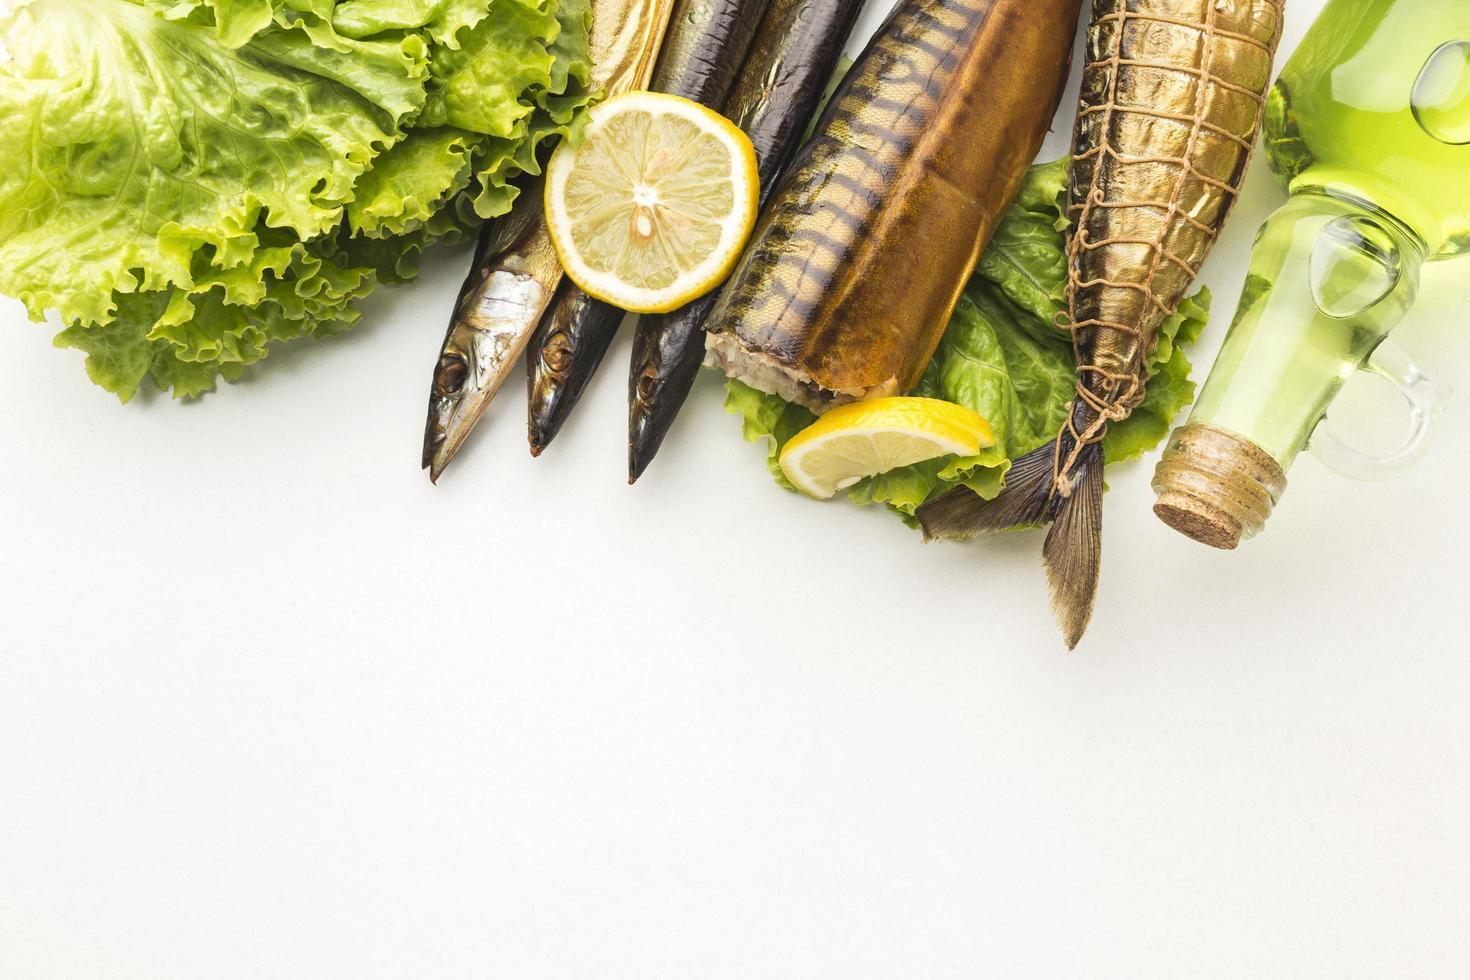 poisson fumé et autres ingrédients photo